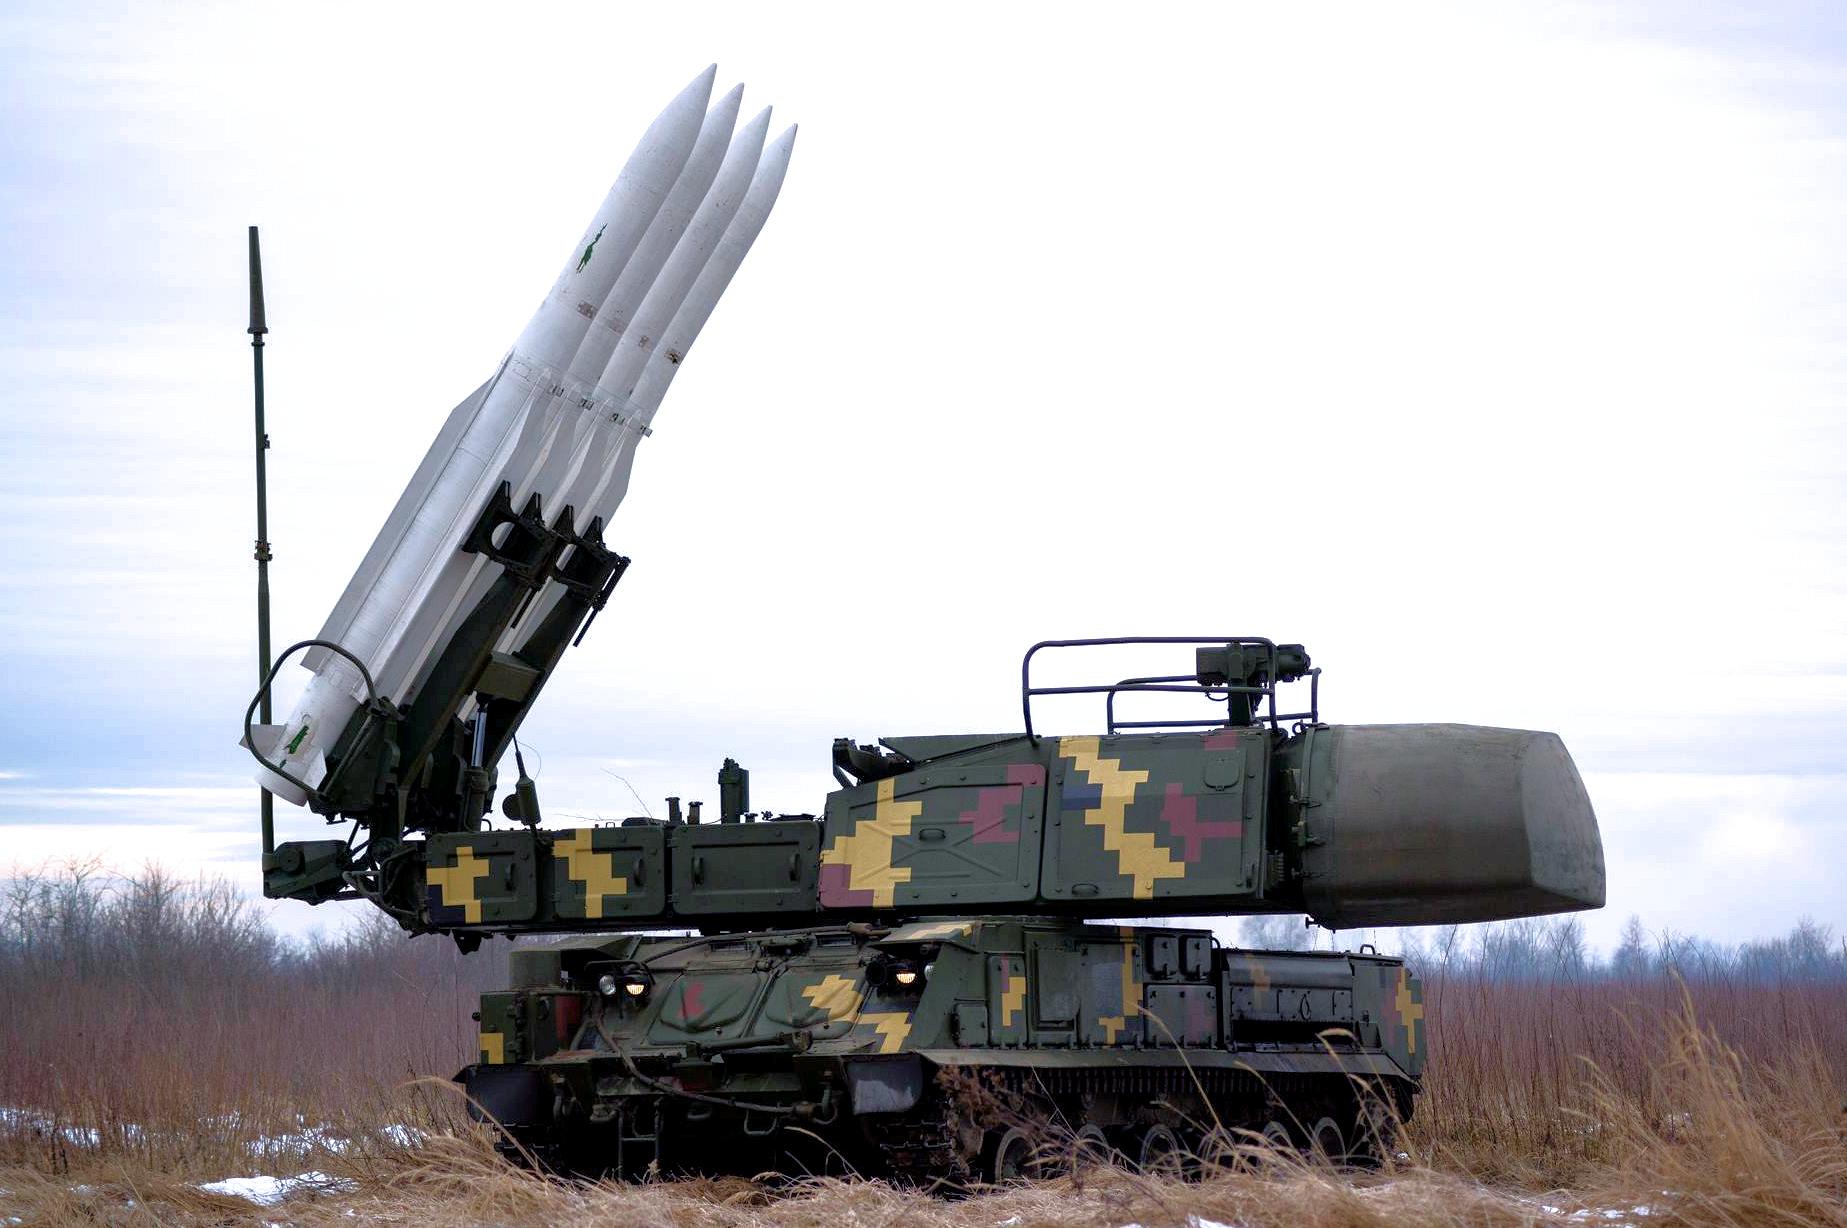 Зенитно-ракетный комплекс «Бук-М1» Воздушных Сил ВСУ